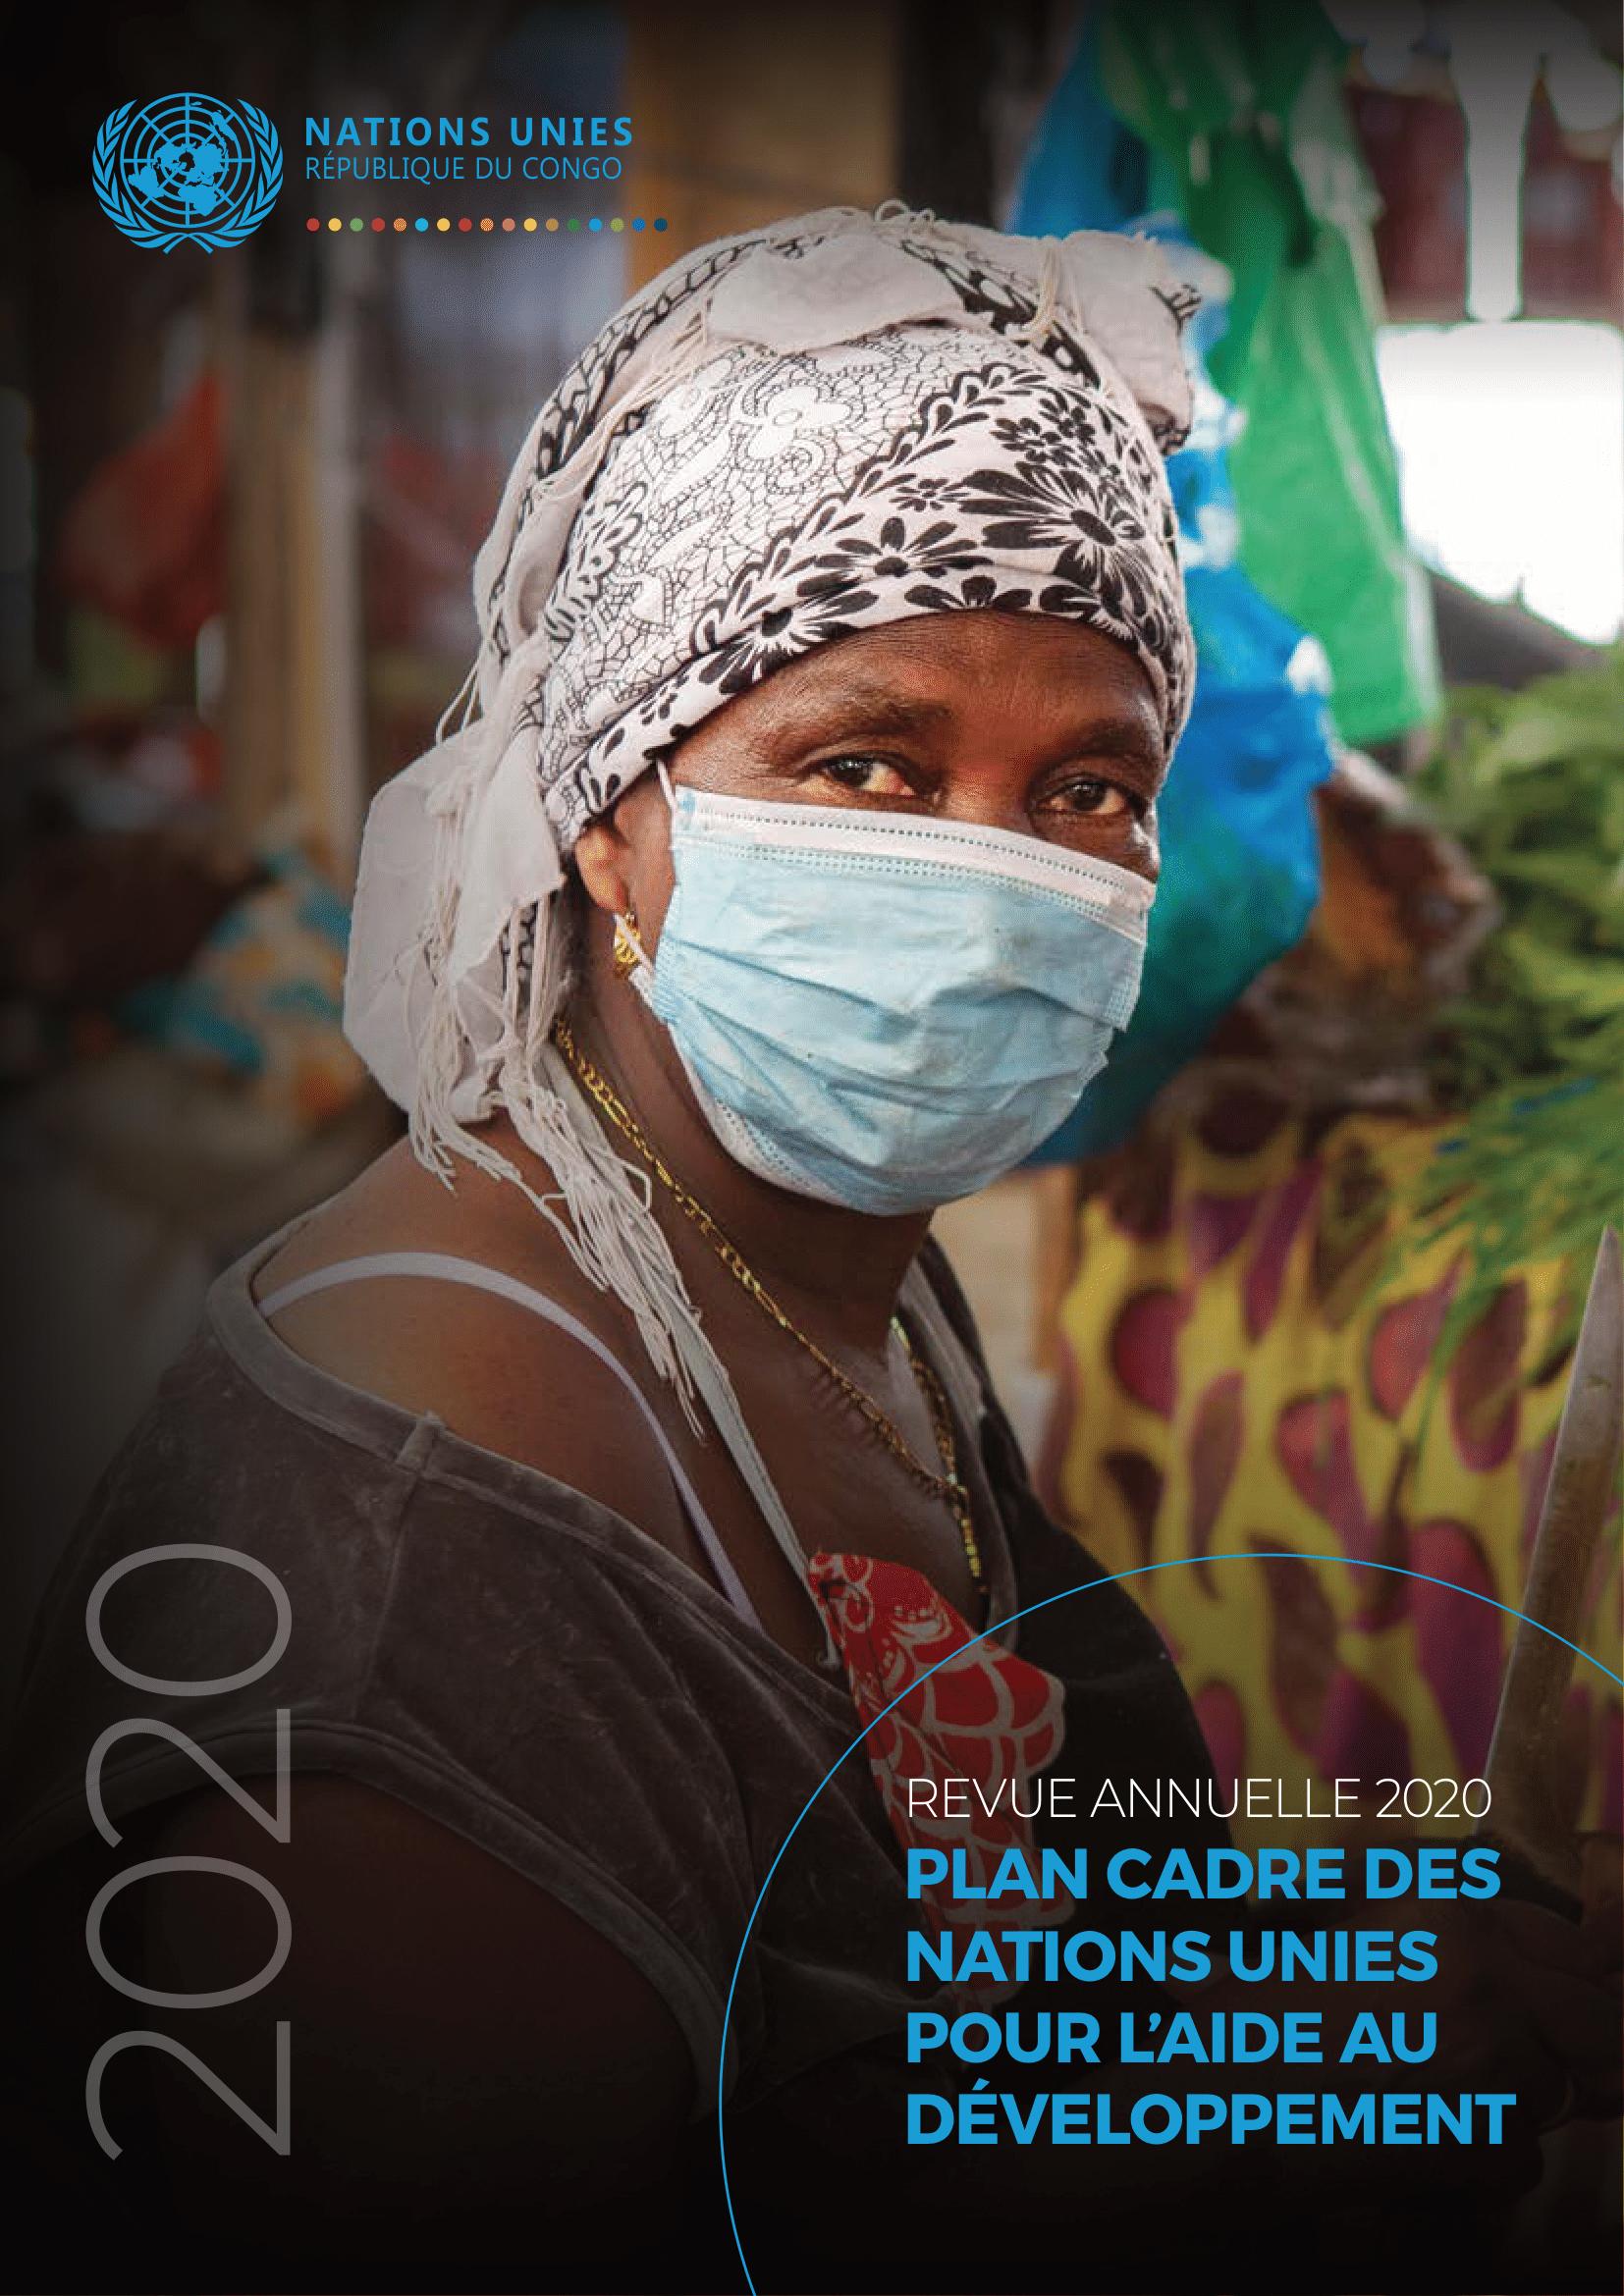 Revue annuelle 2020 du Plan cadre des Nations Unies pour l'aide au développement